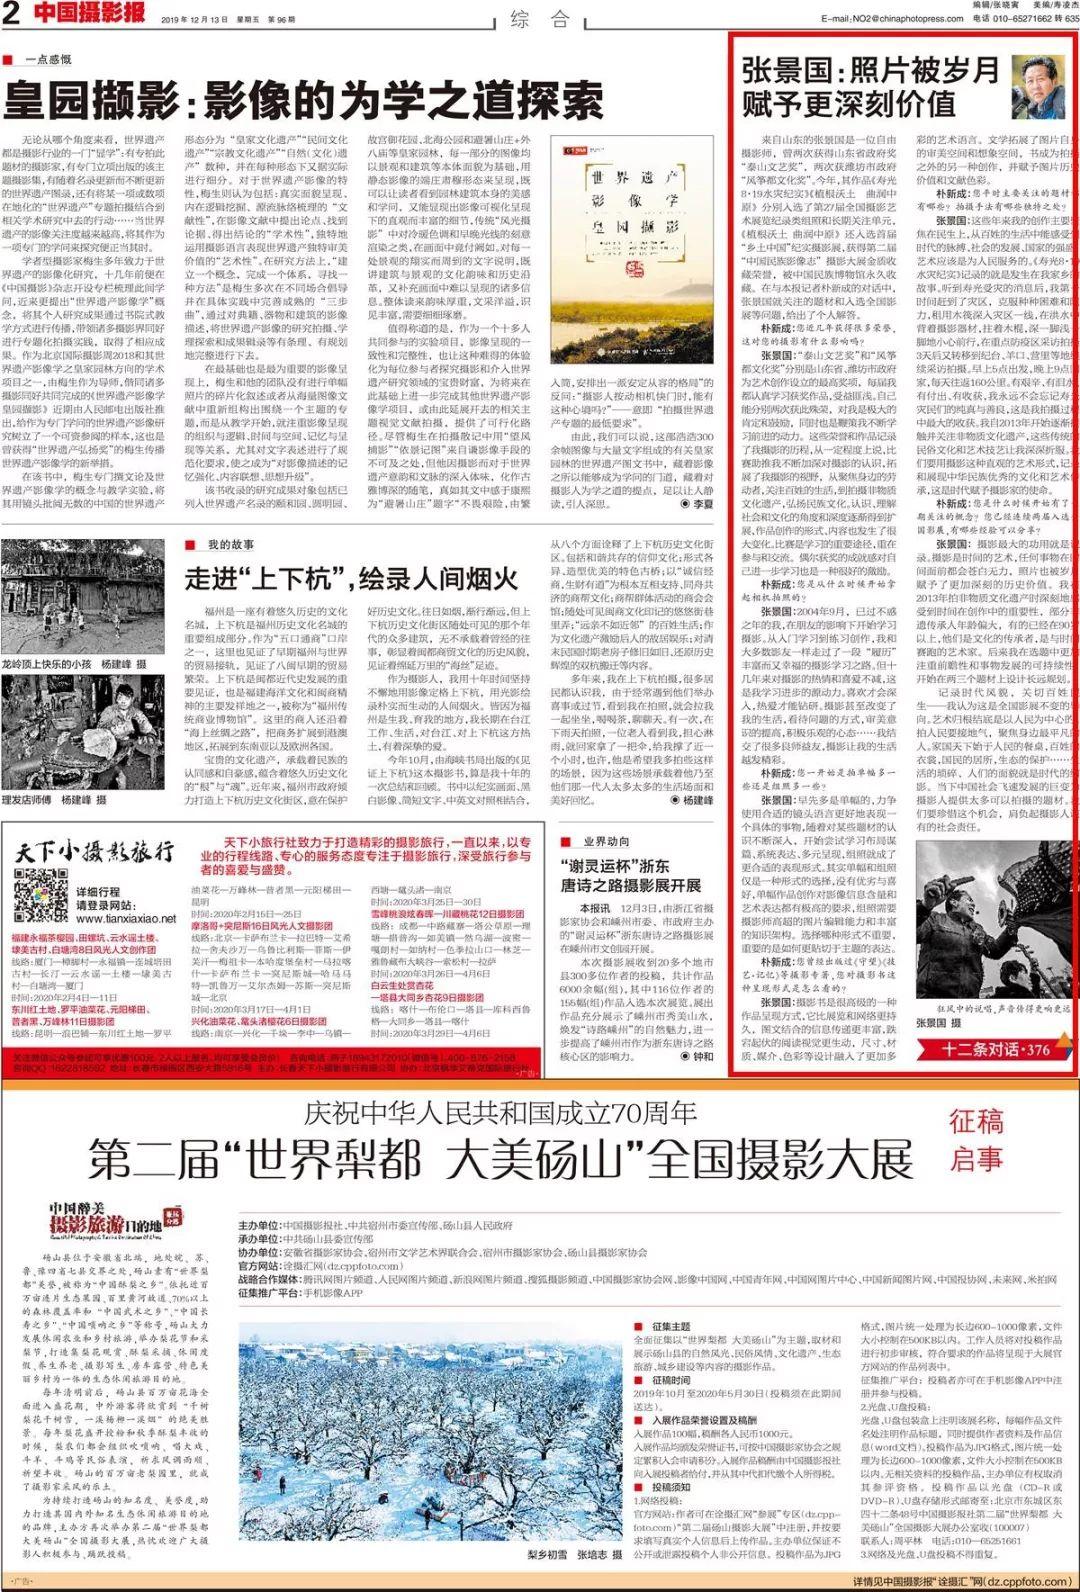 [《中国摄影报》专访